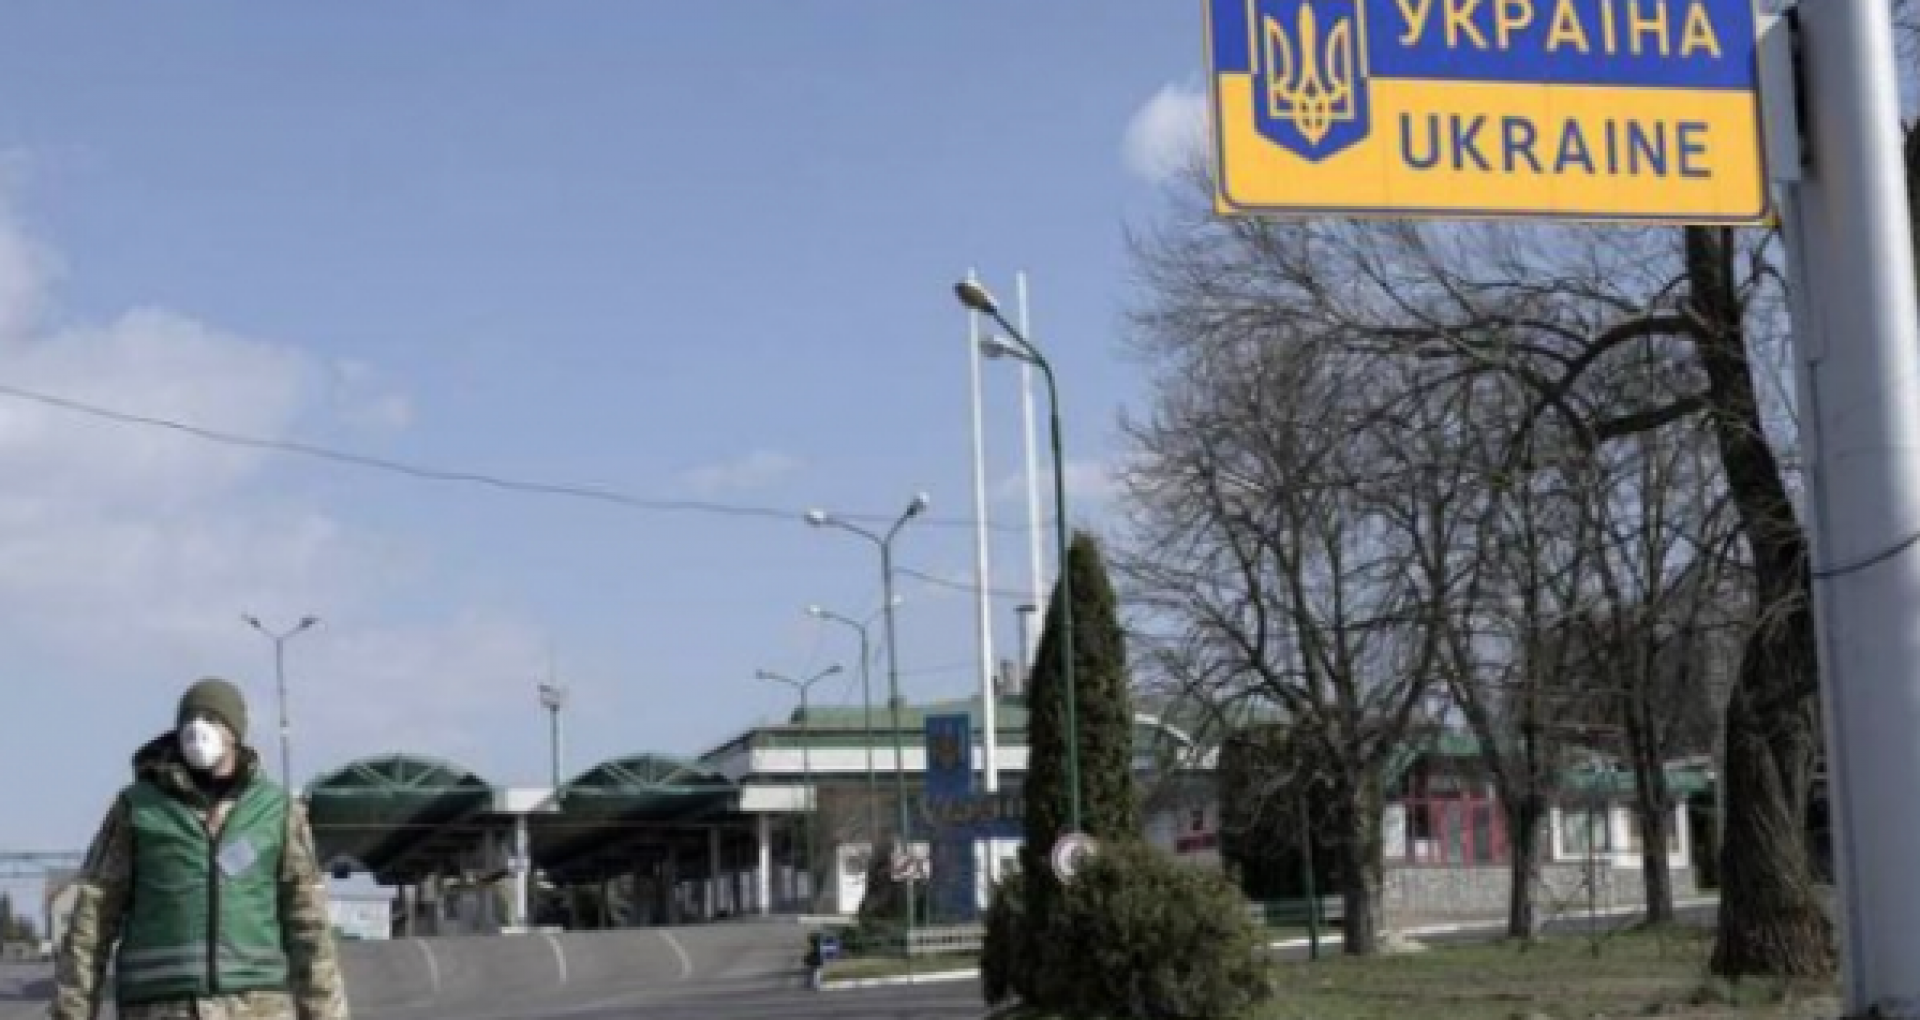 DOC/ Cetățenii străini, printre care și cei din R. Moldova, pot călători în Ucraina cu dovada imunizării complete anti-Covid cu unul dintre vaccinurile aprobate de OMS